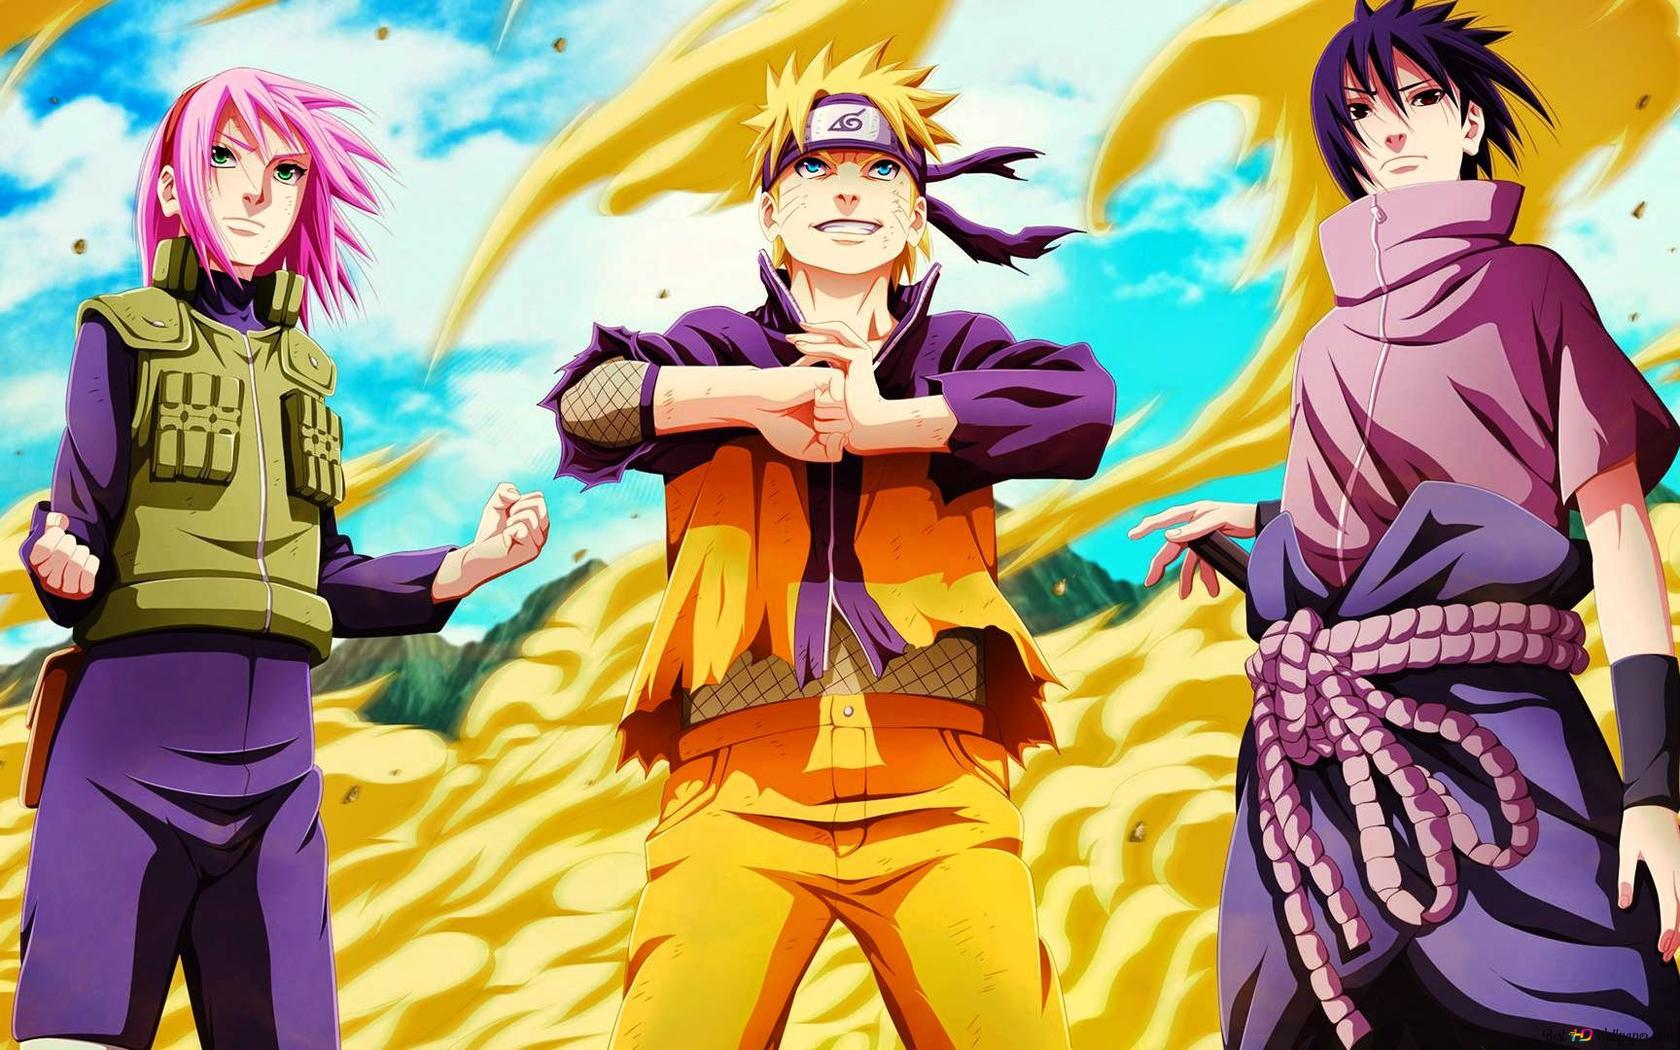 Naruto Shippuden Naruto Uzumaki Sasuke Uchiha Sakura Haruno Hd